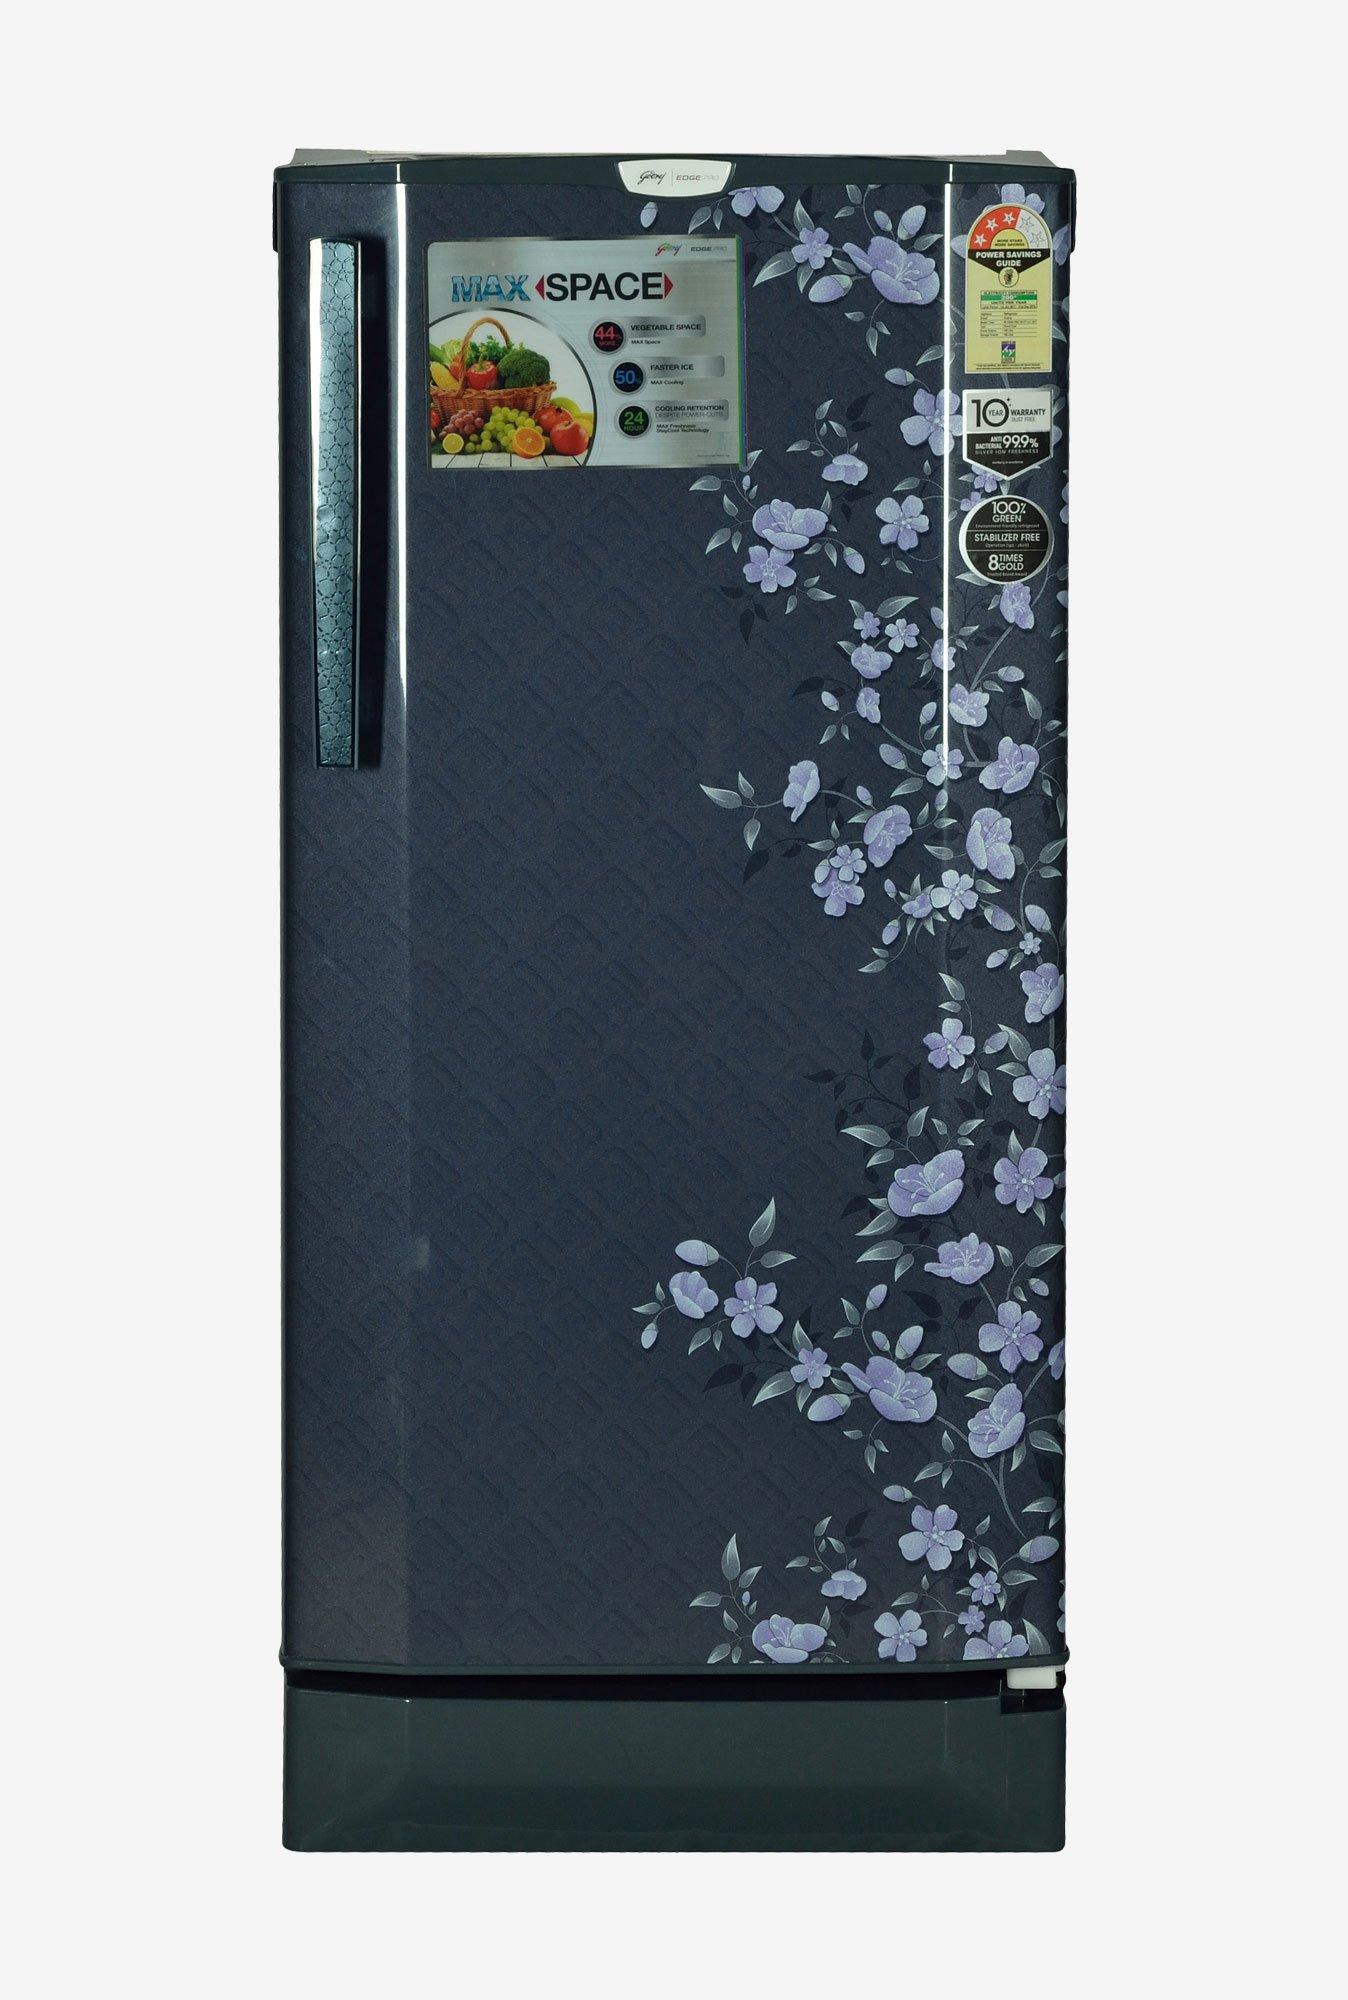 Godrej RD EDGEPRO 190 CT 3.2 Refrigerator (Indigo Floret)